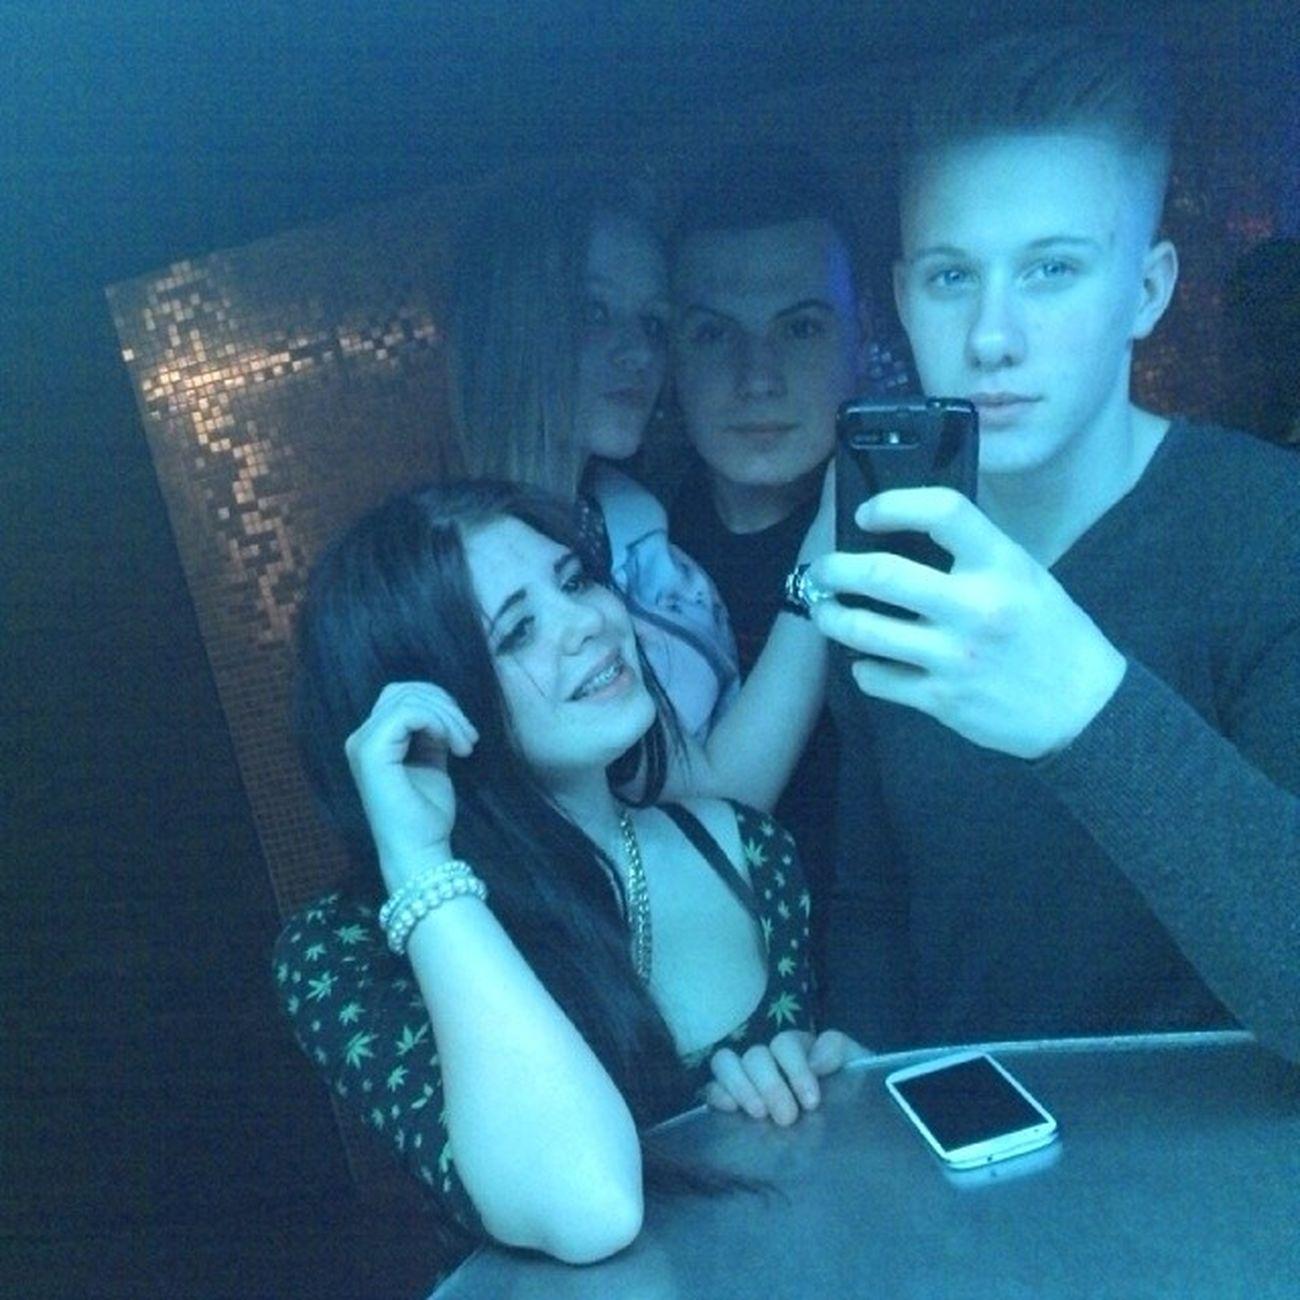 Party Abriss Steiler Abend N8werk @froehlichermensch @helloheartbeat